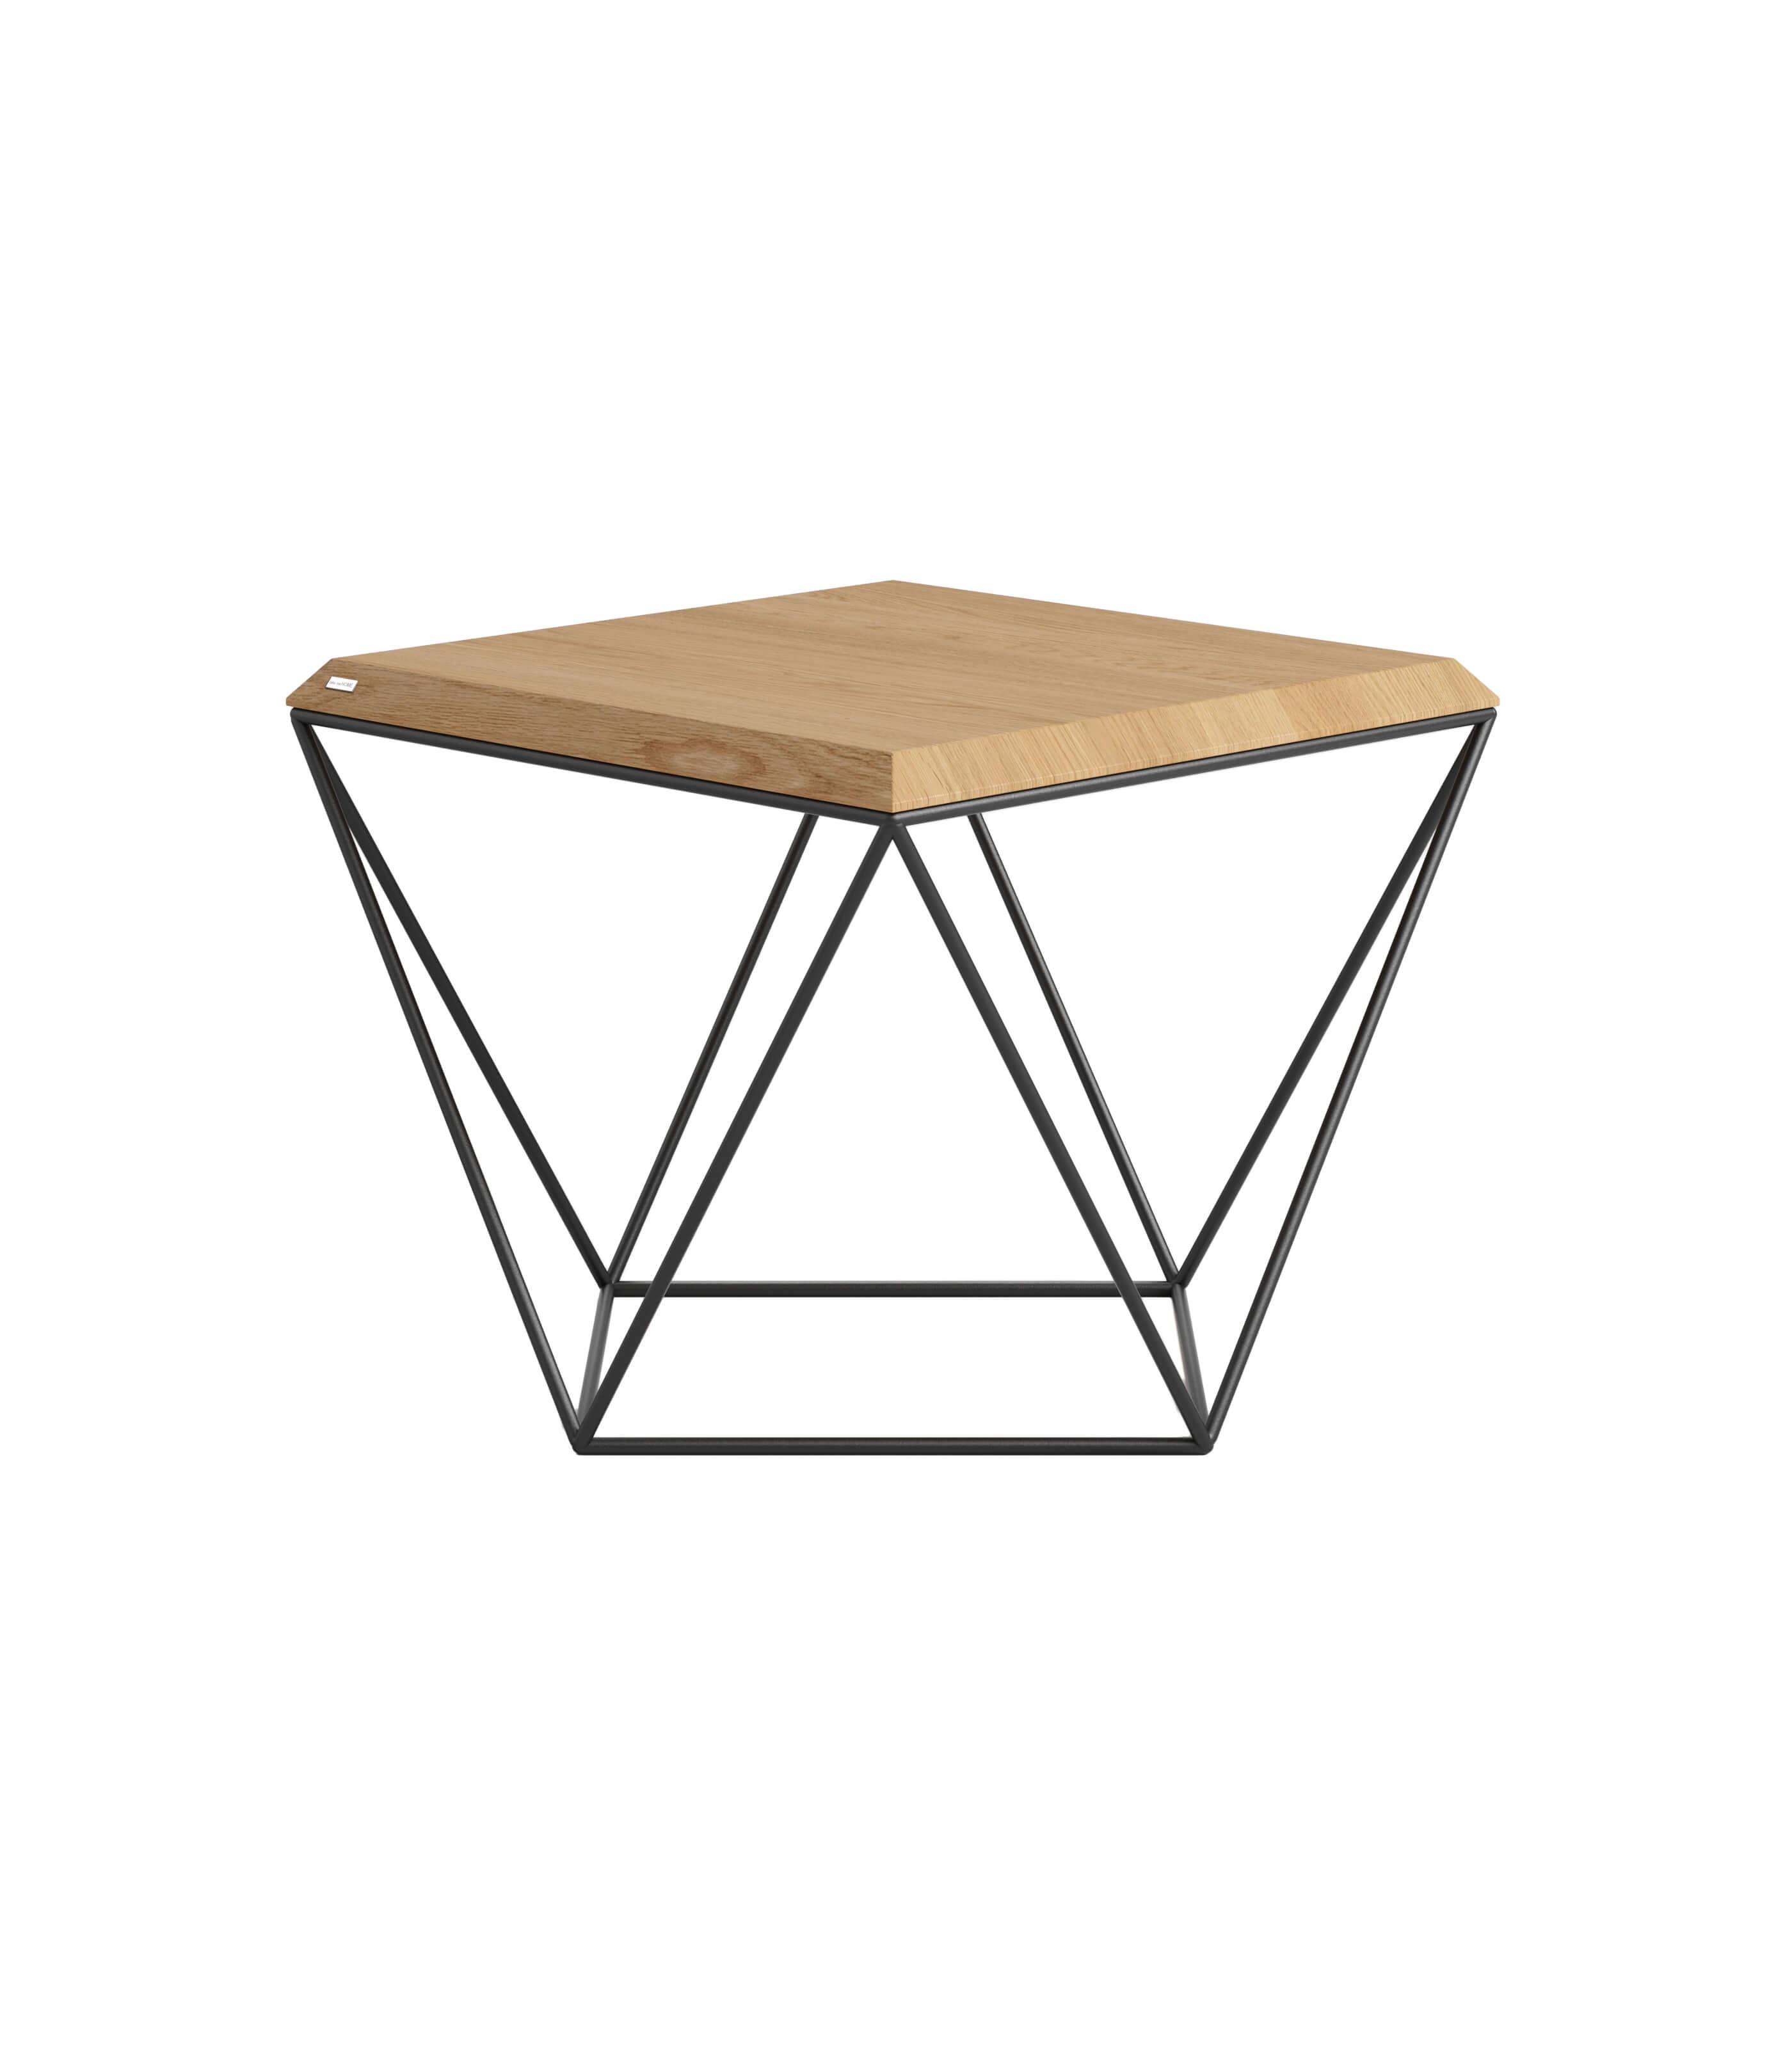 stolik kawowy industrialny loft dąb biały lub czarny